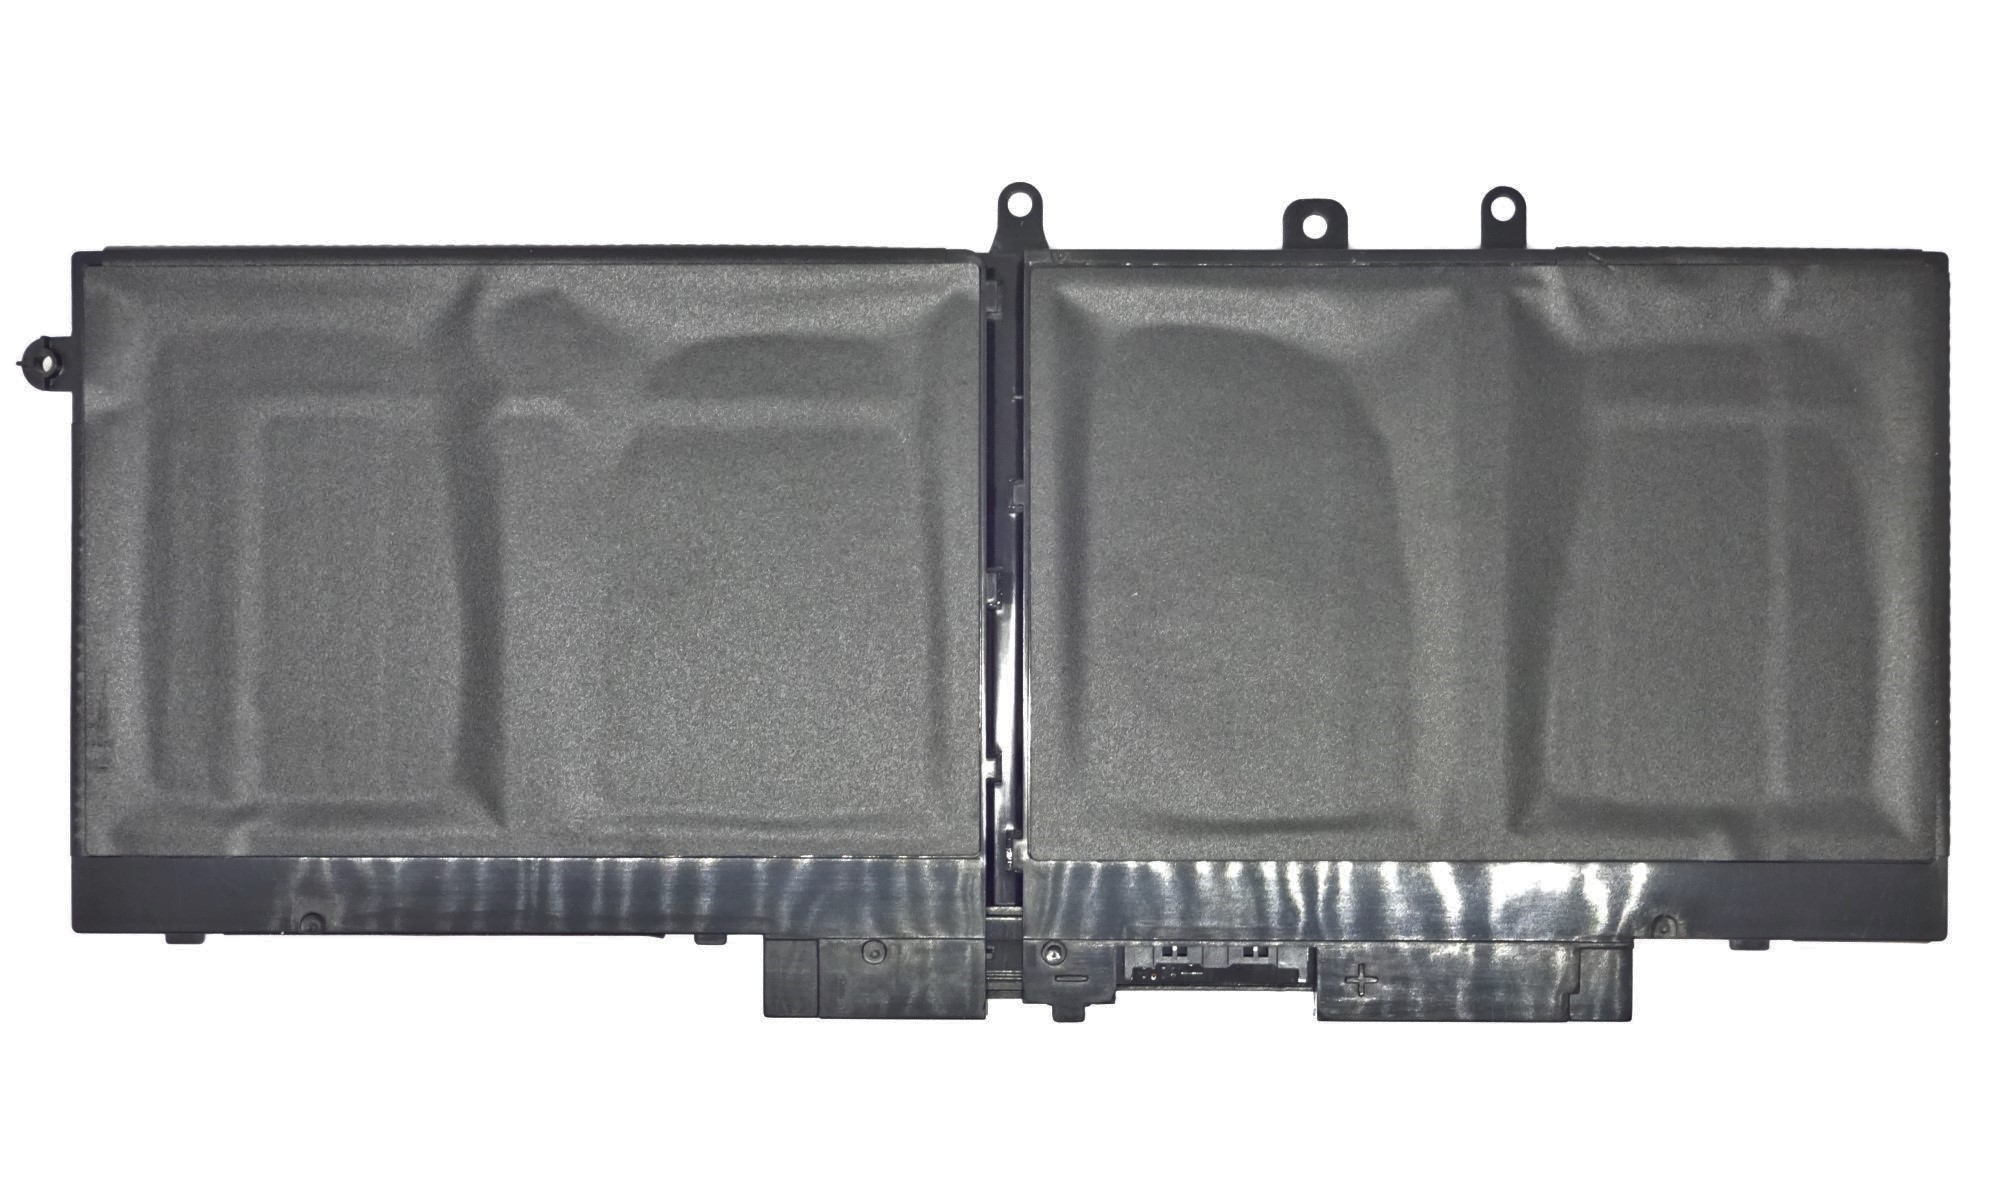 Baterie compatibila Dell GJKNX, pentru Latitude 5280, 5290, 5480, 5490, 5491, 5495, 5580, 5590, 5591, Precision 3520, 3530, 7520